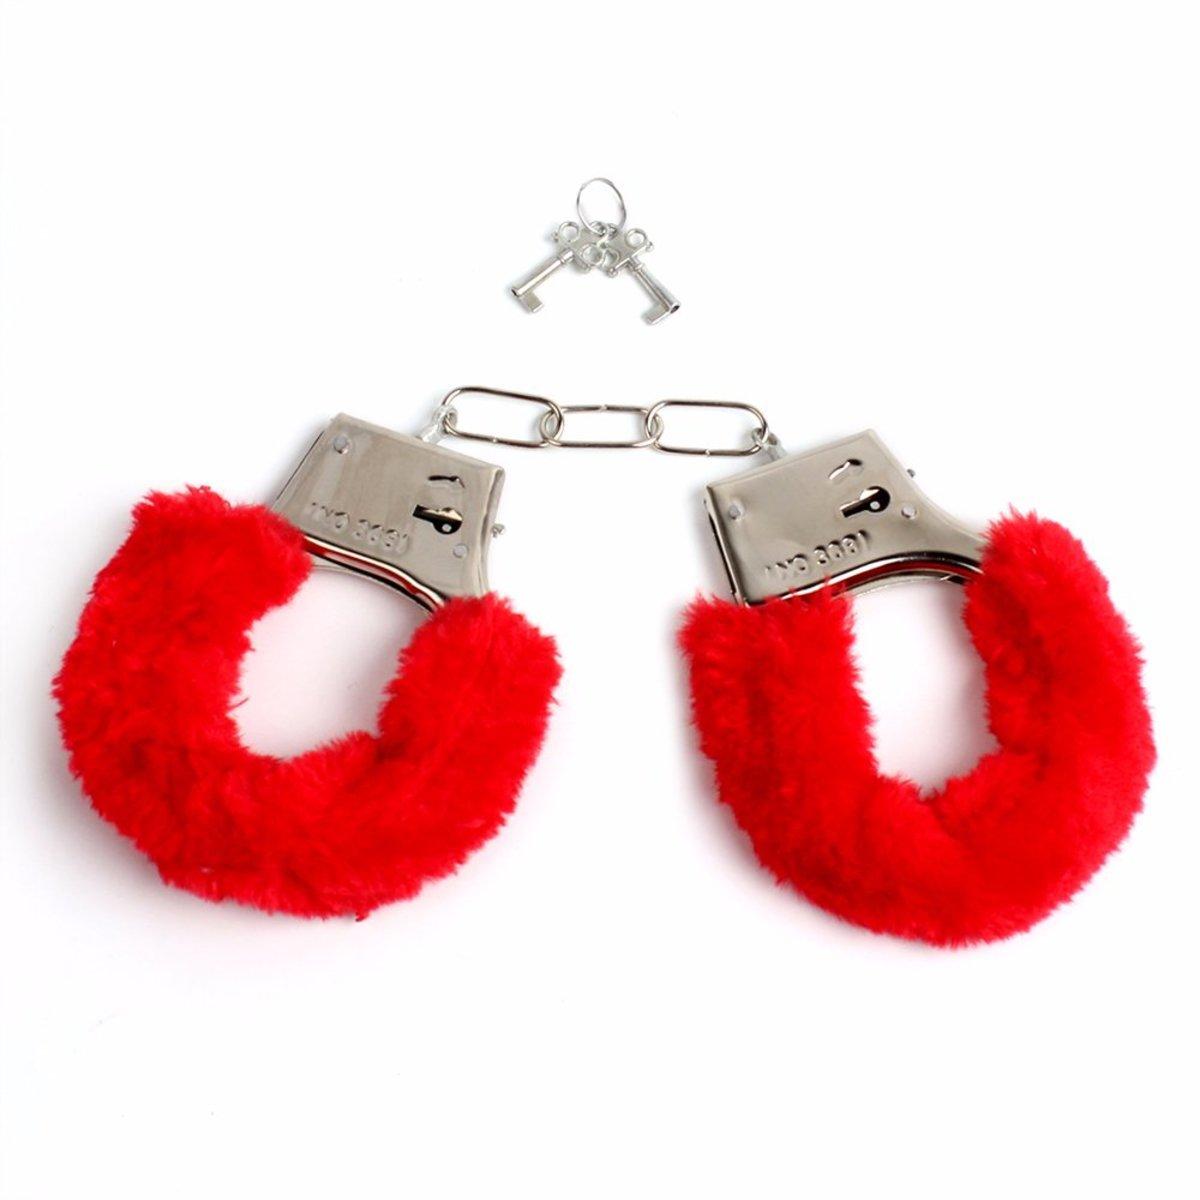 Cute handcuffs